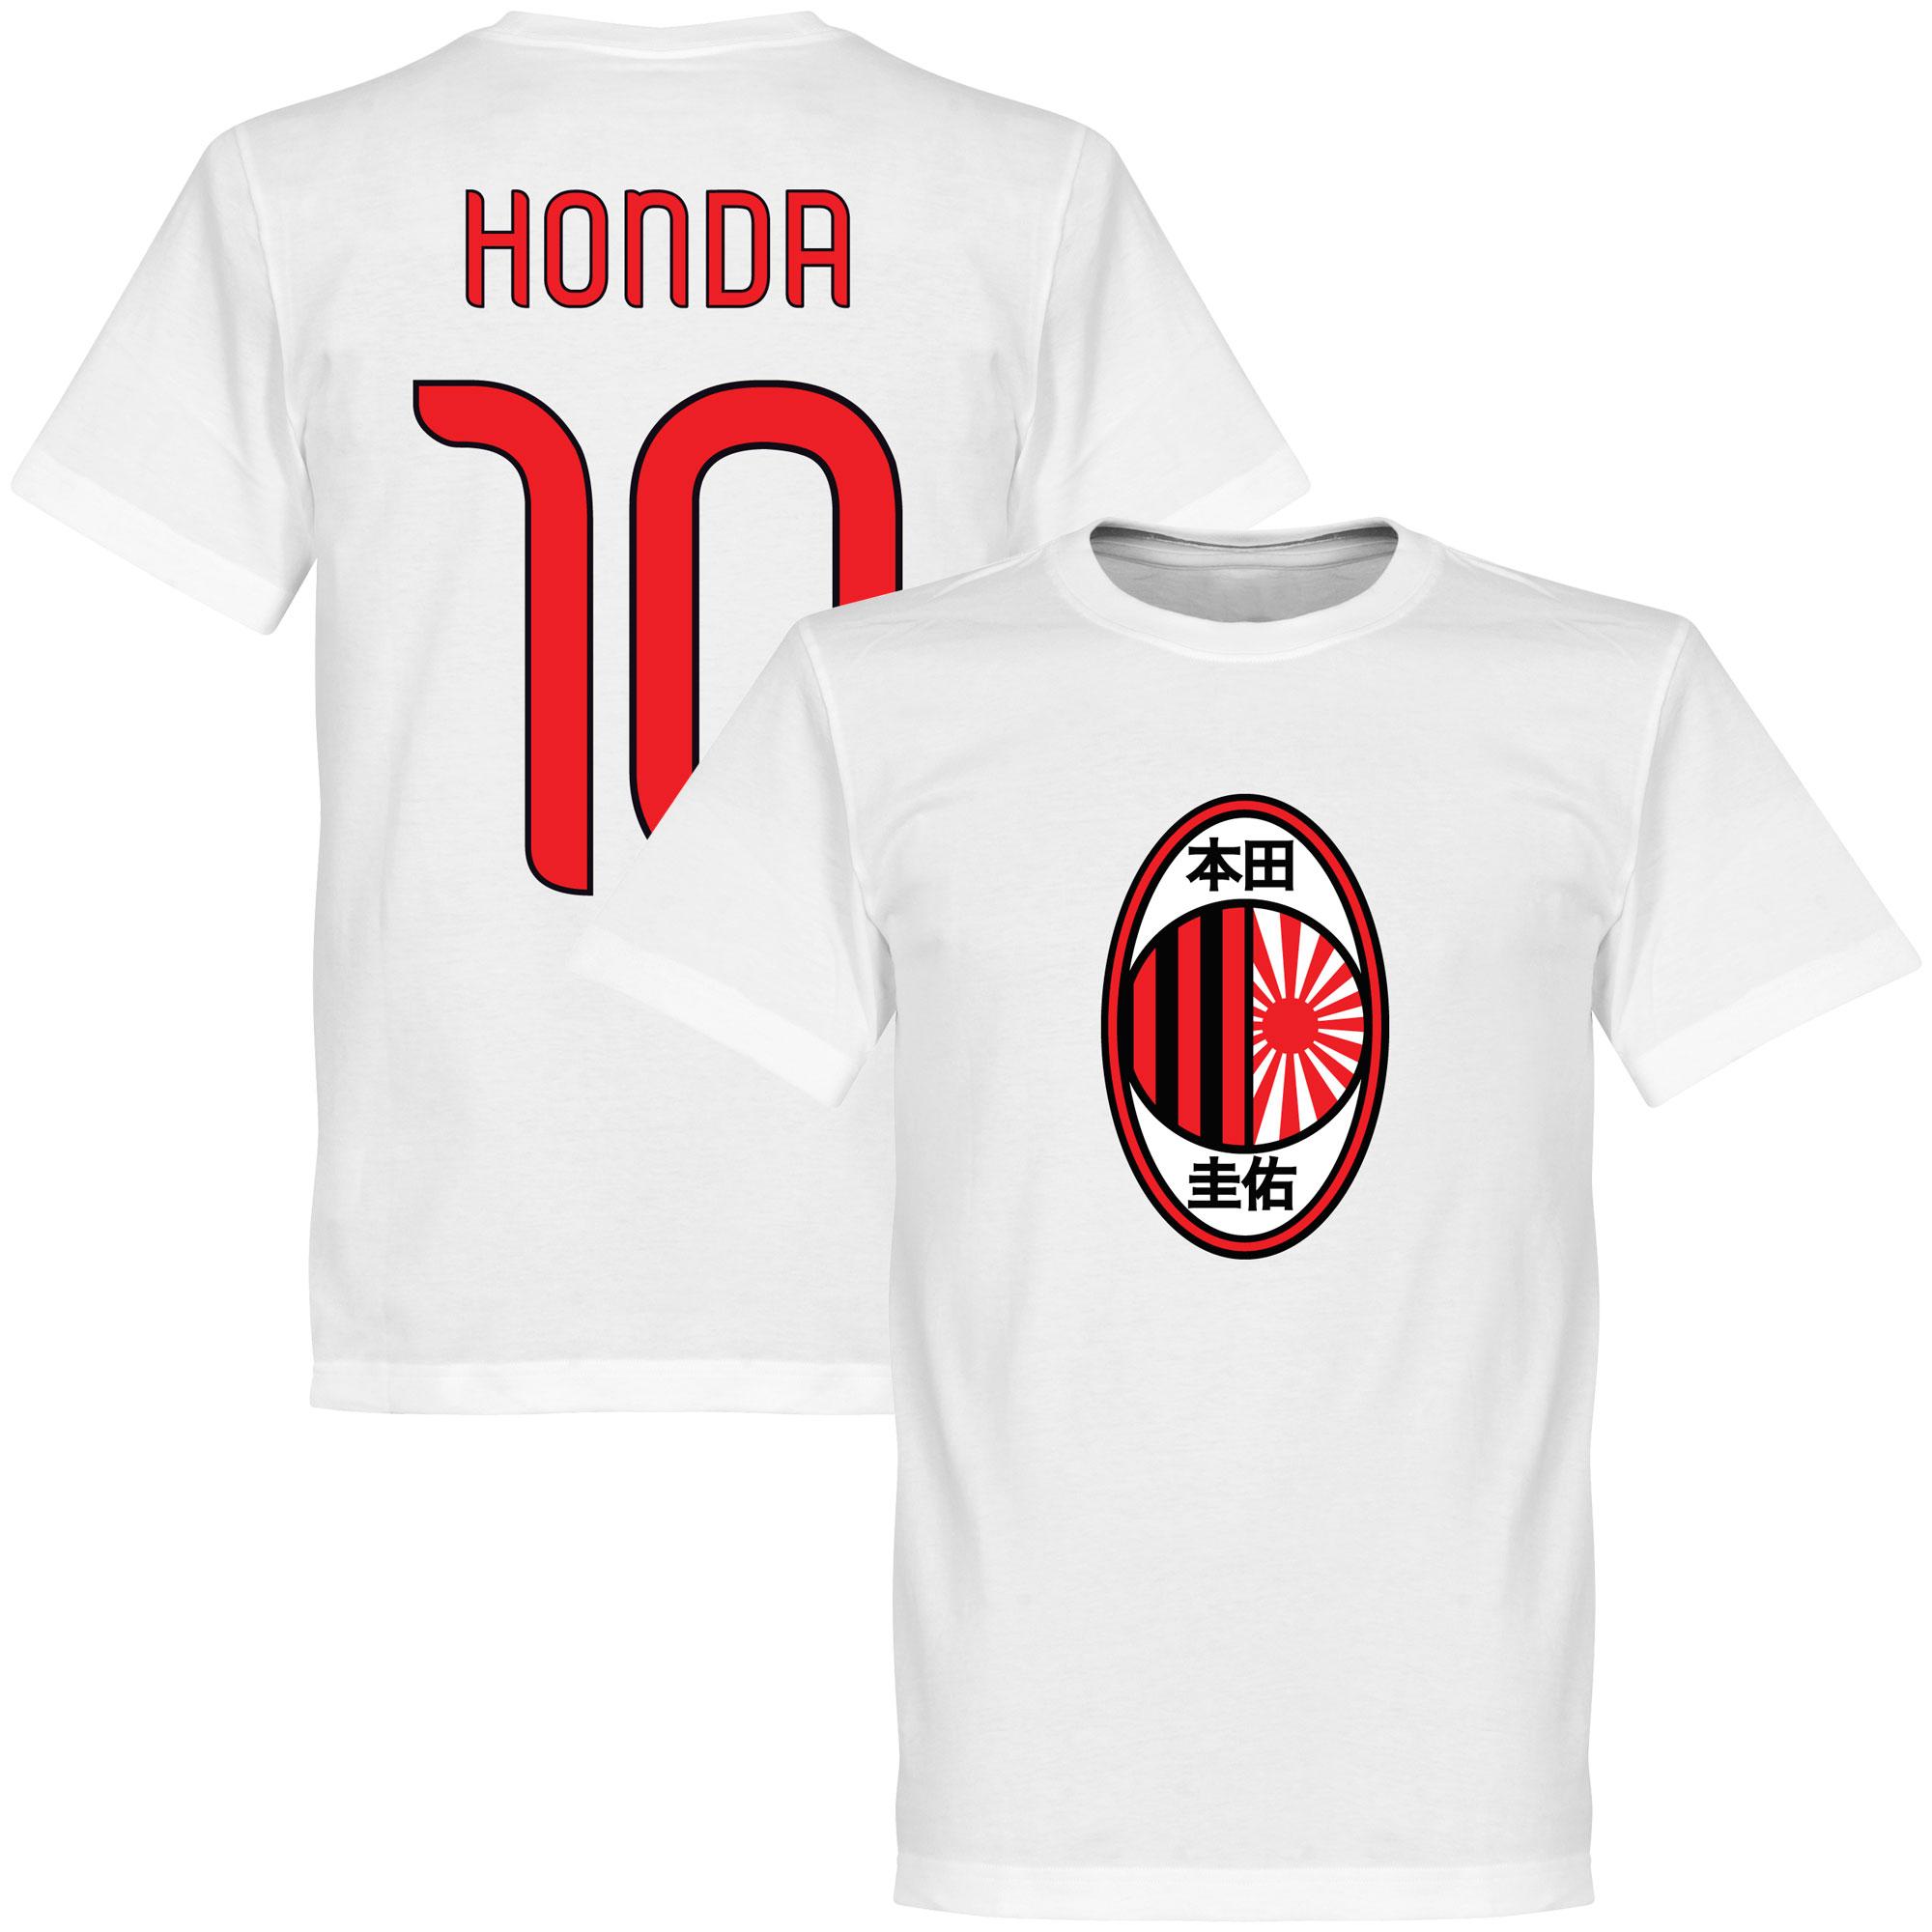 Milan Honda Tee - White - XXXXXL